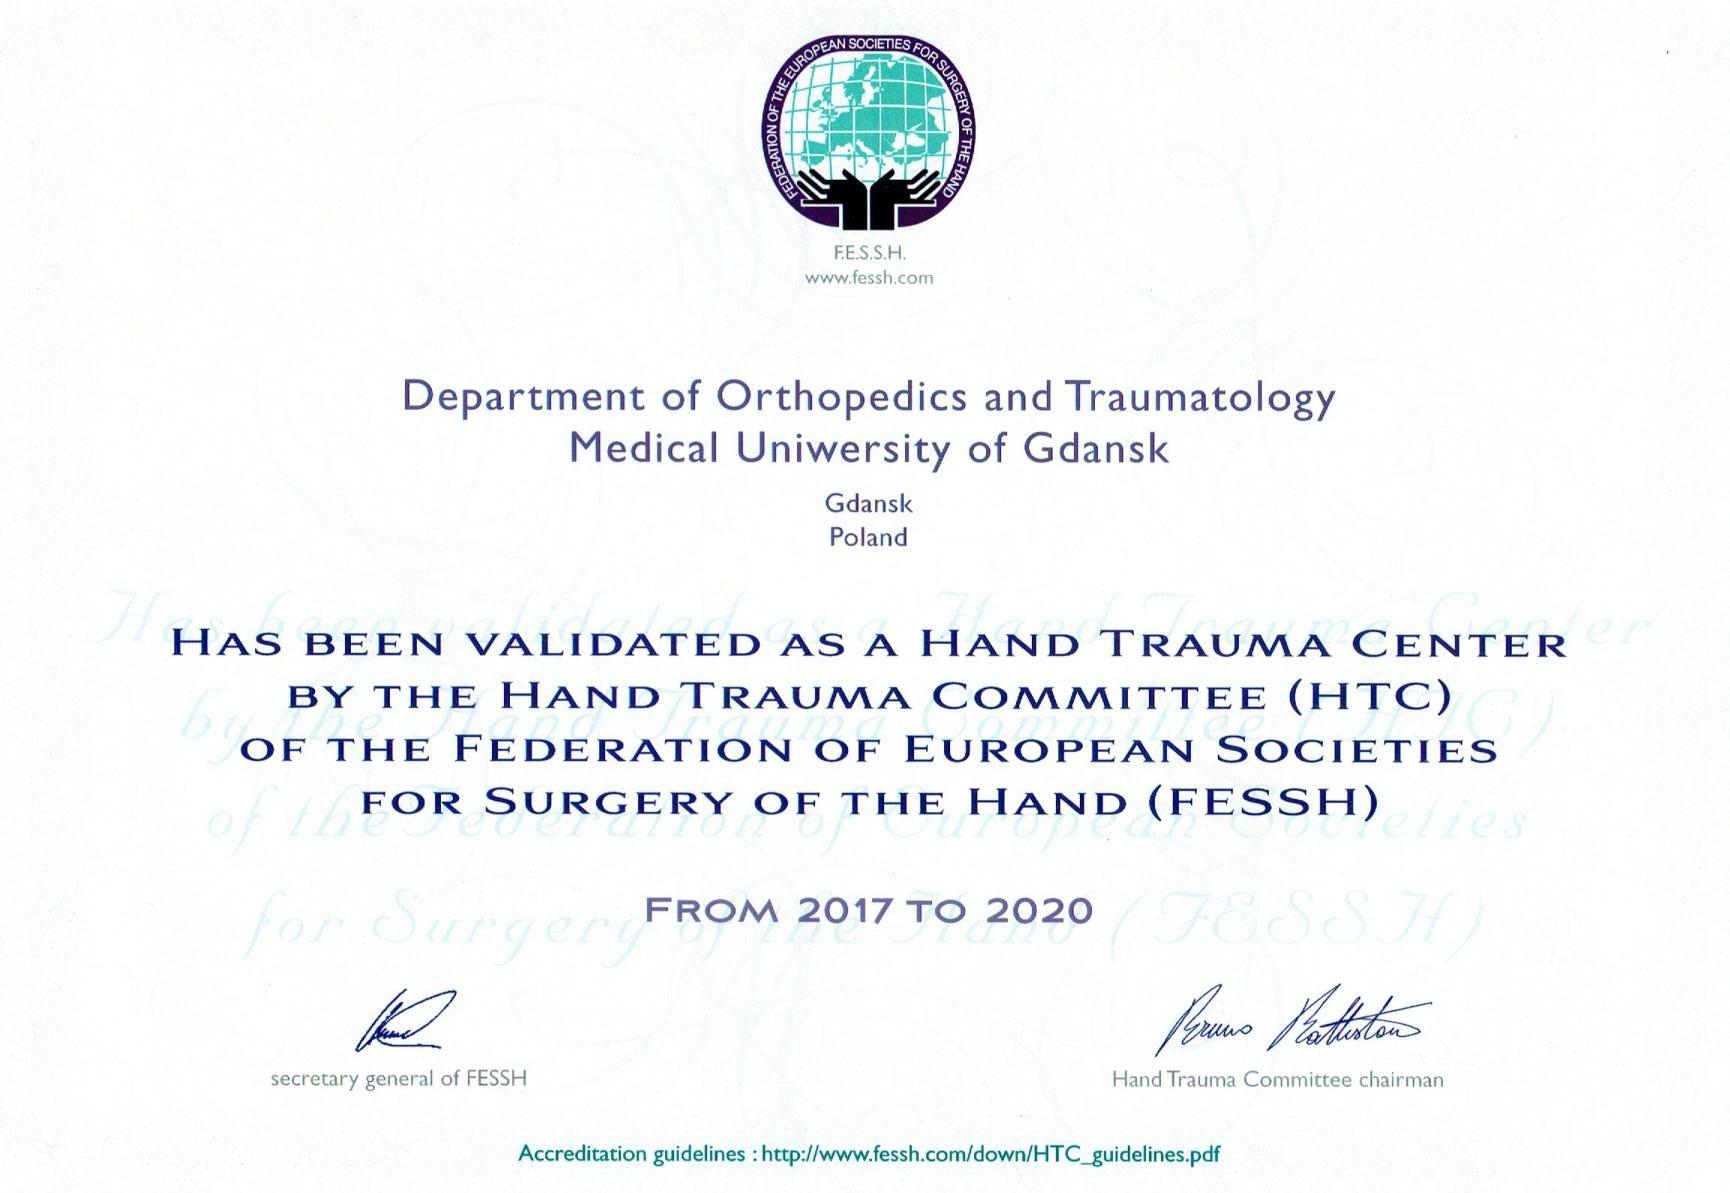 Certyfikat. Fot. materiał prasowy Gdańskiego Uniwersytetu Medycznego